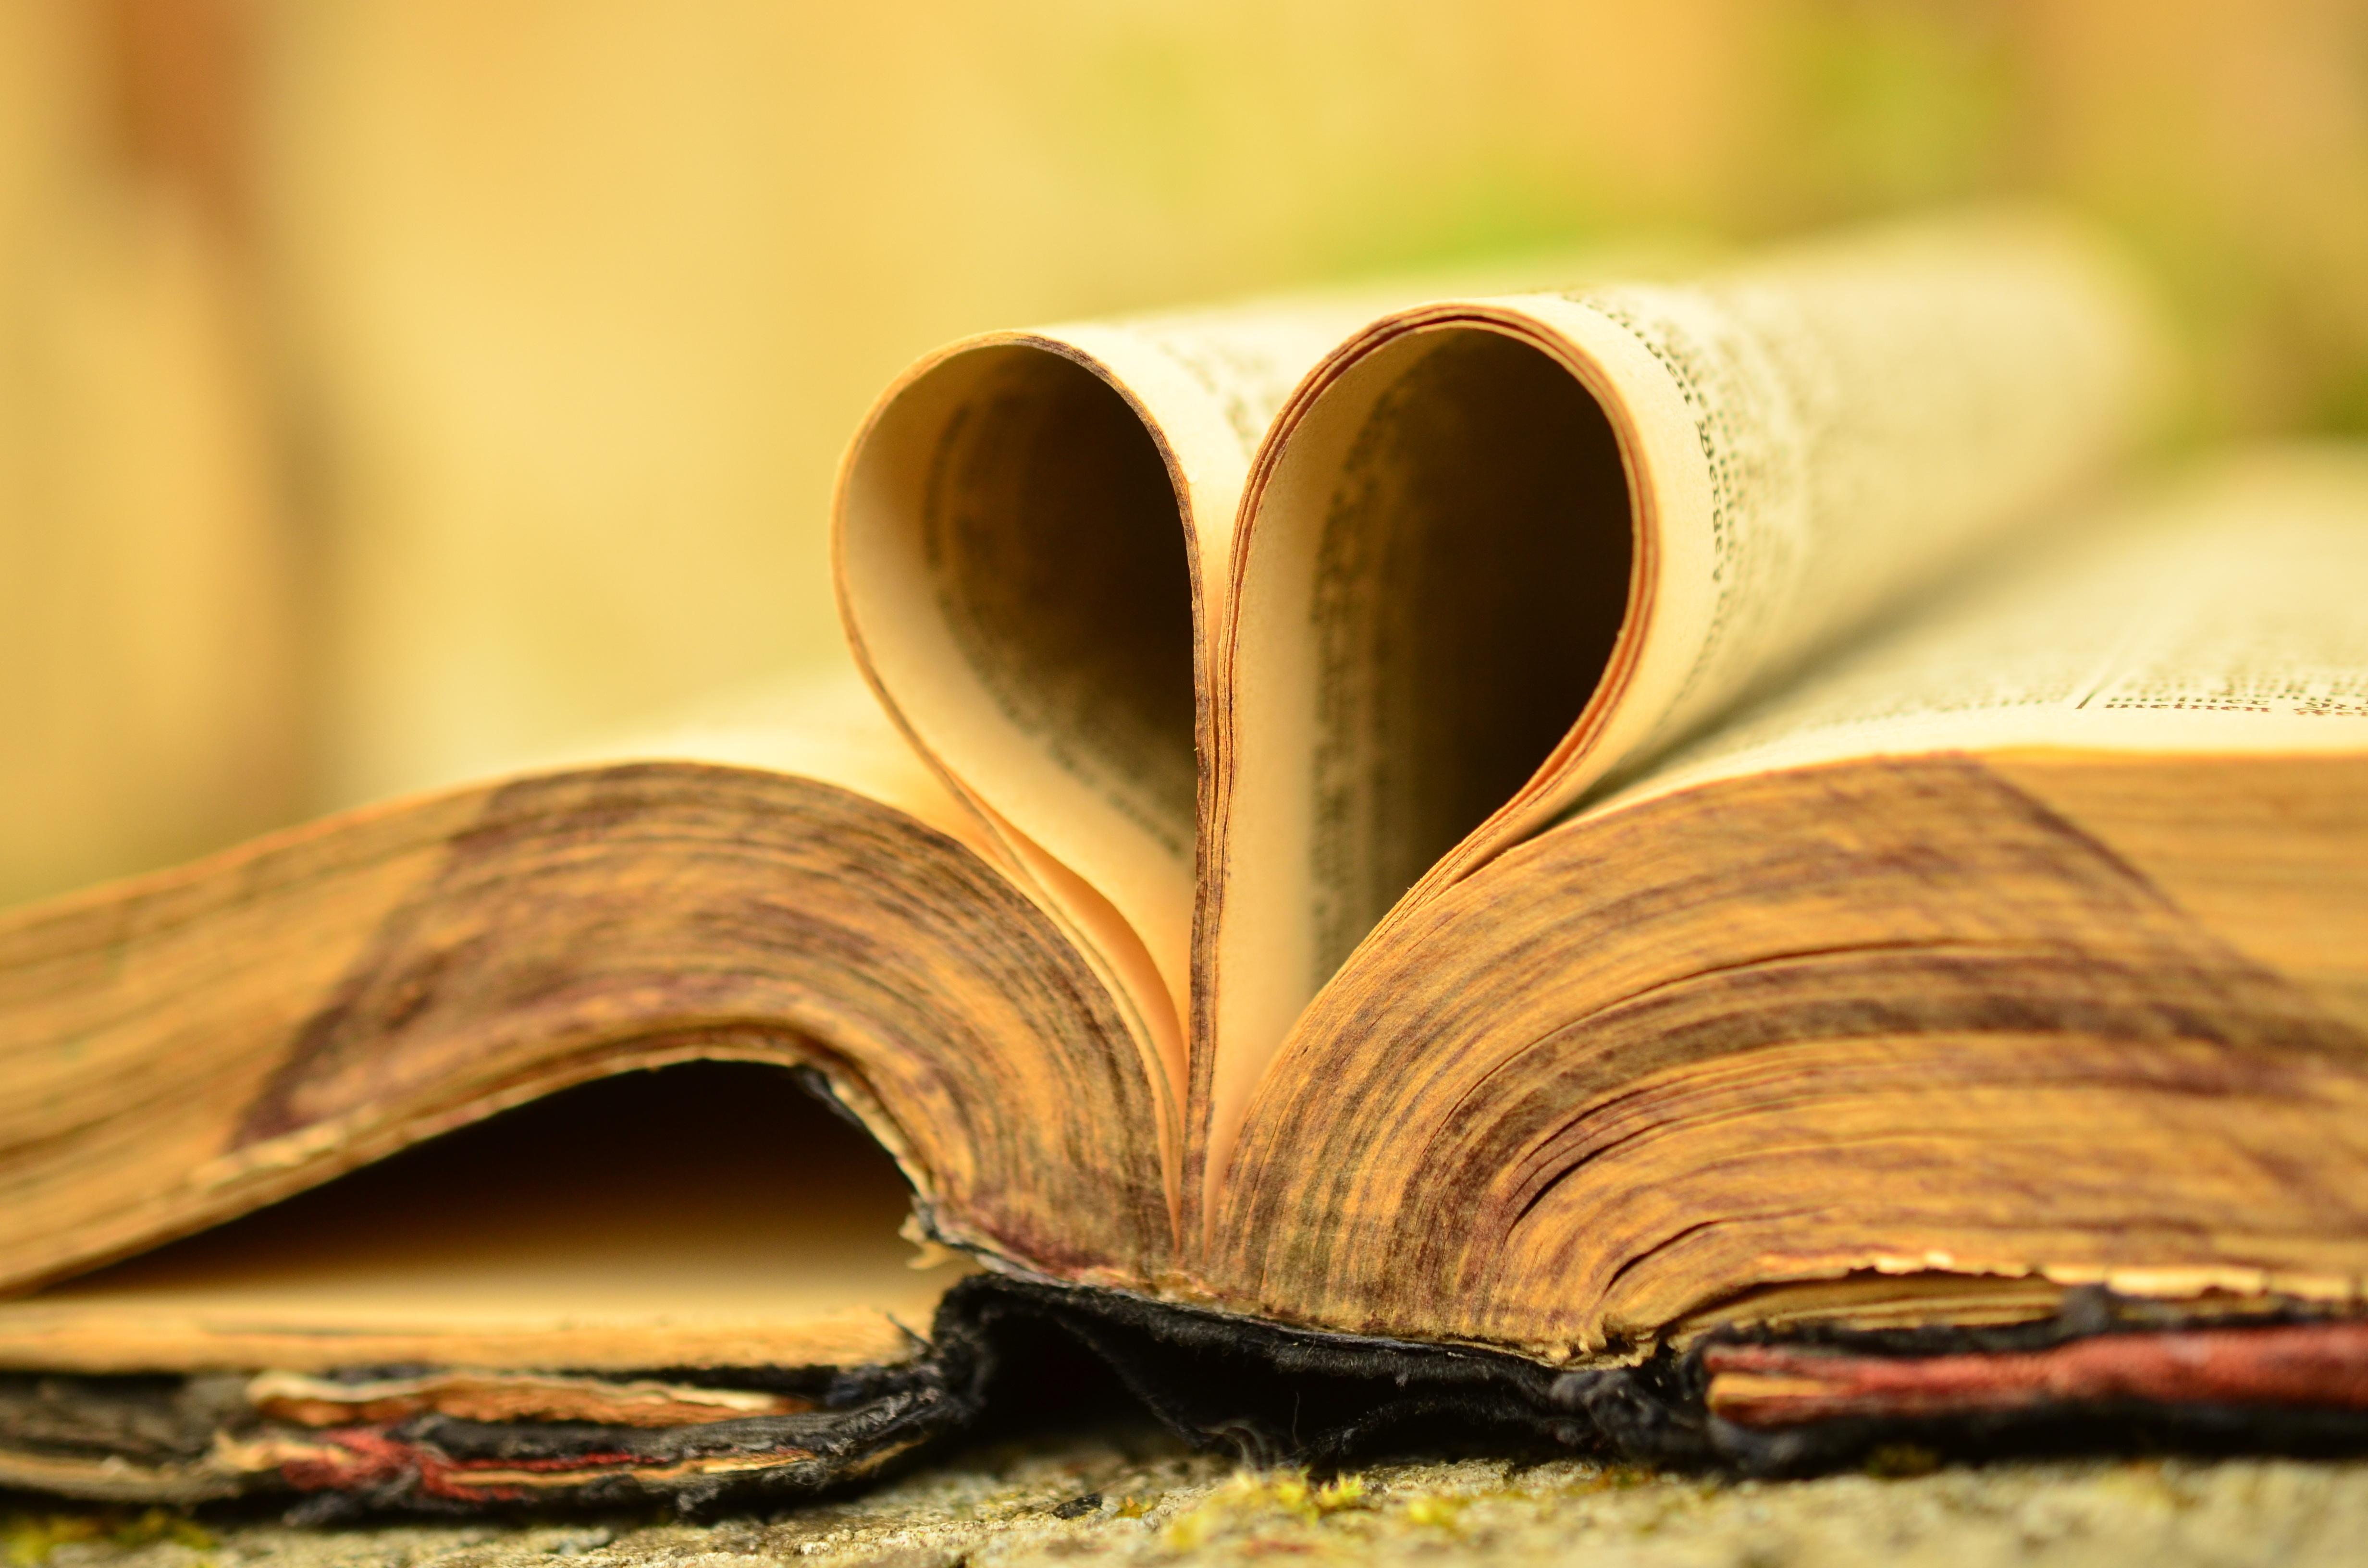 Kostenlose foto : Baum, lesen, Pflanze, Holz, Fotografie, Antiquität ...